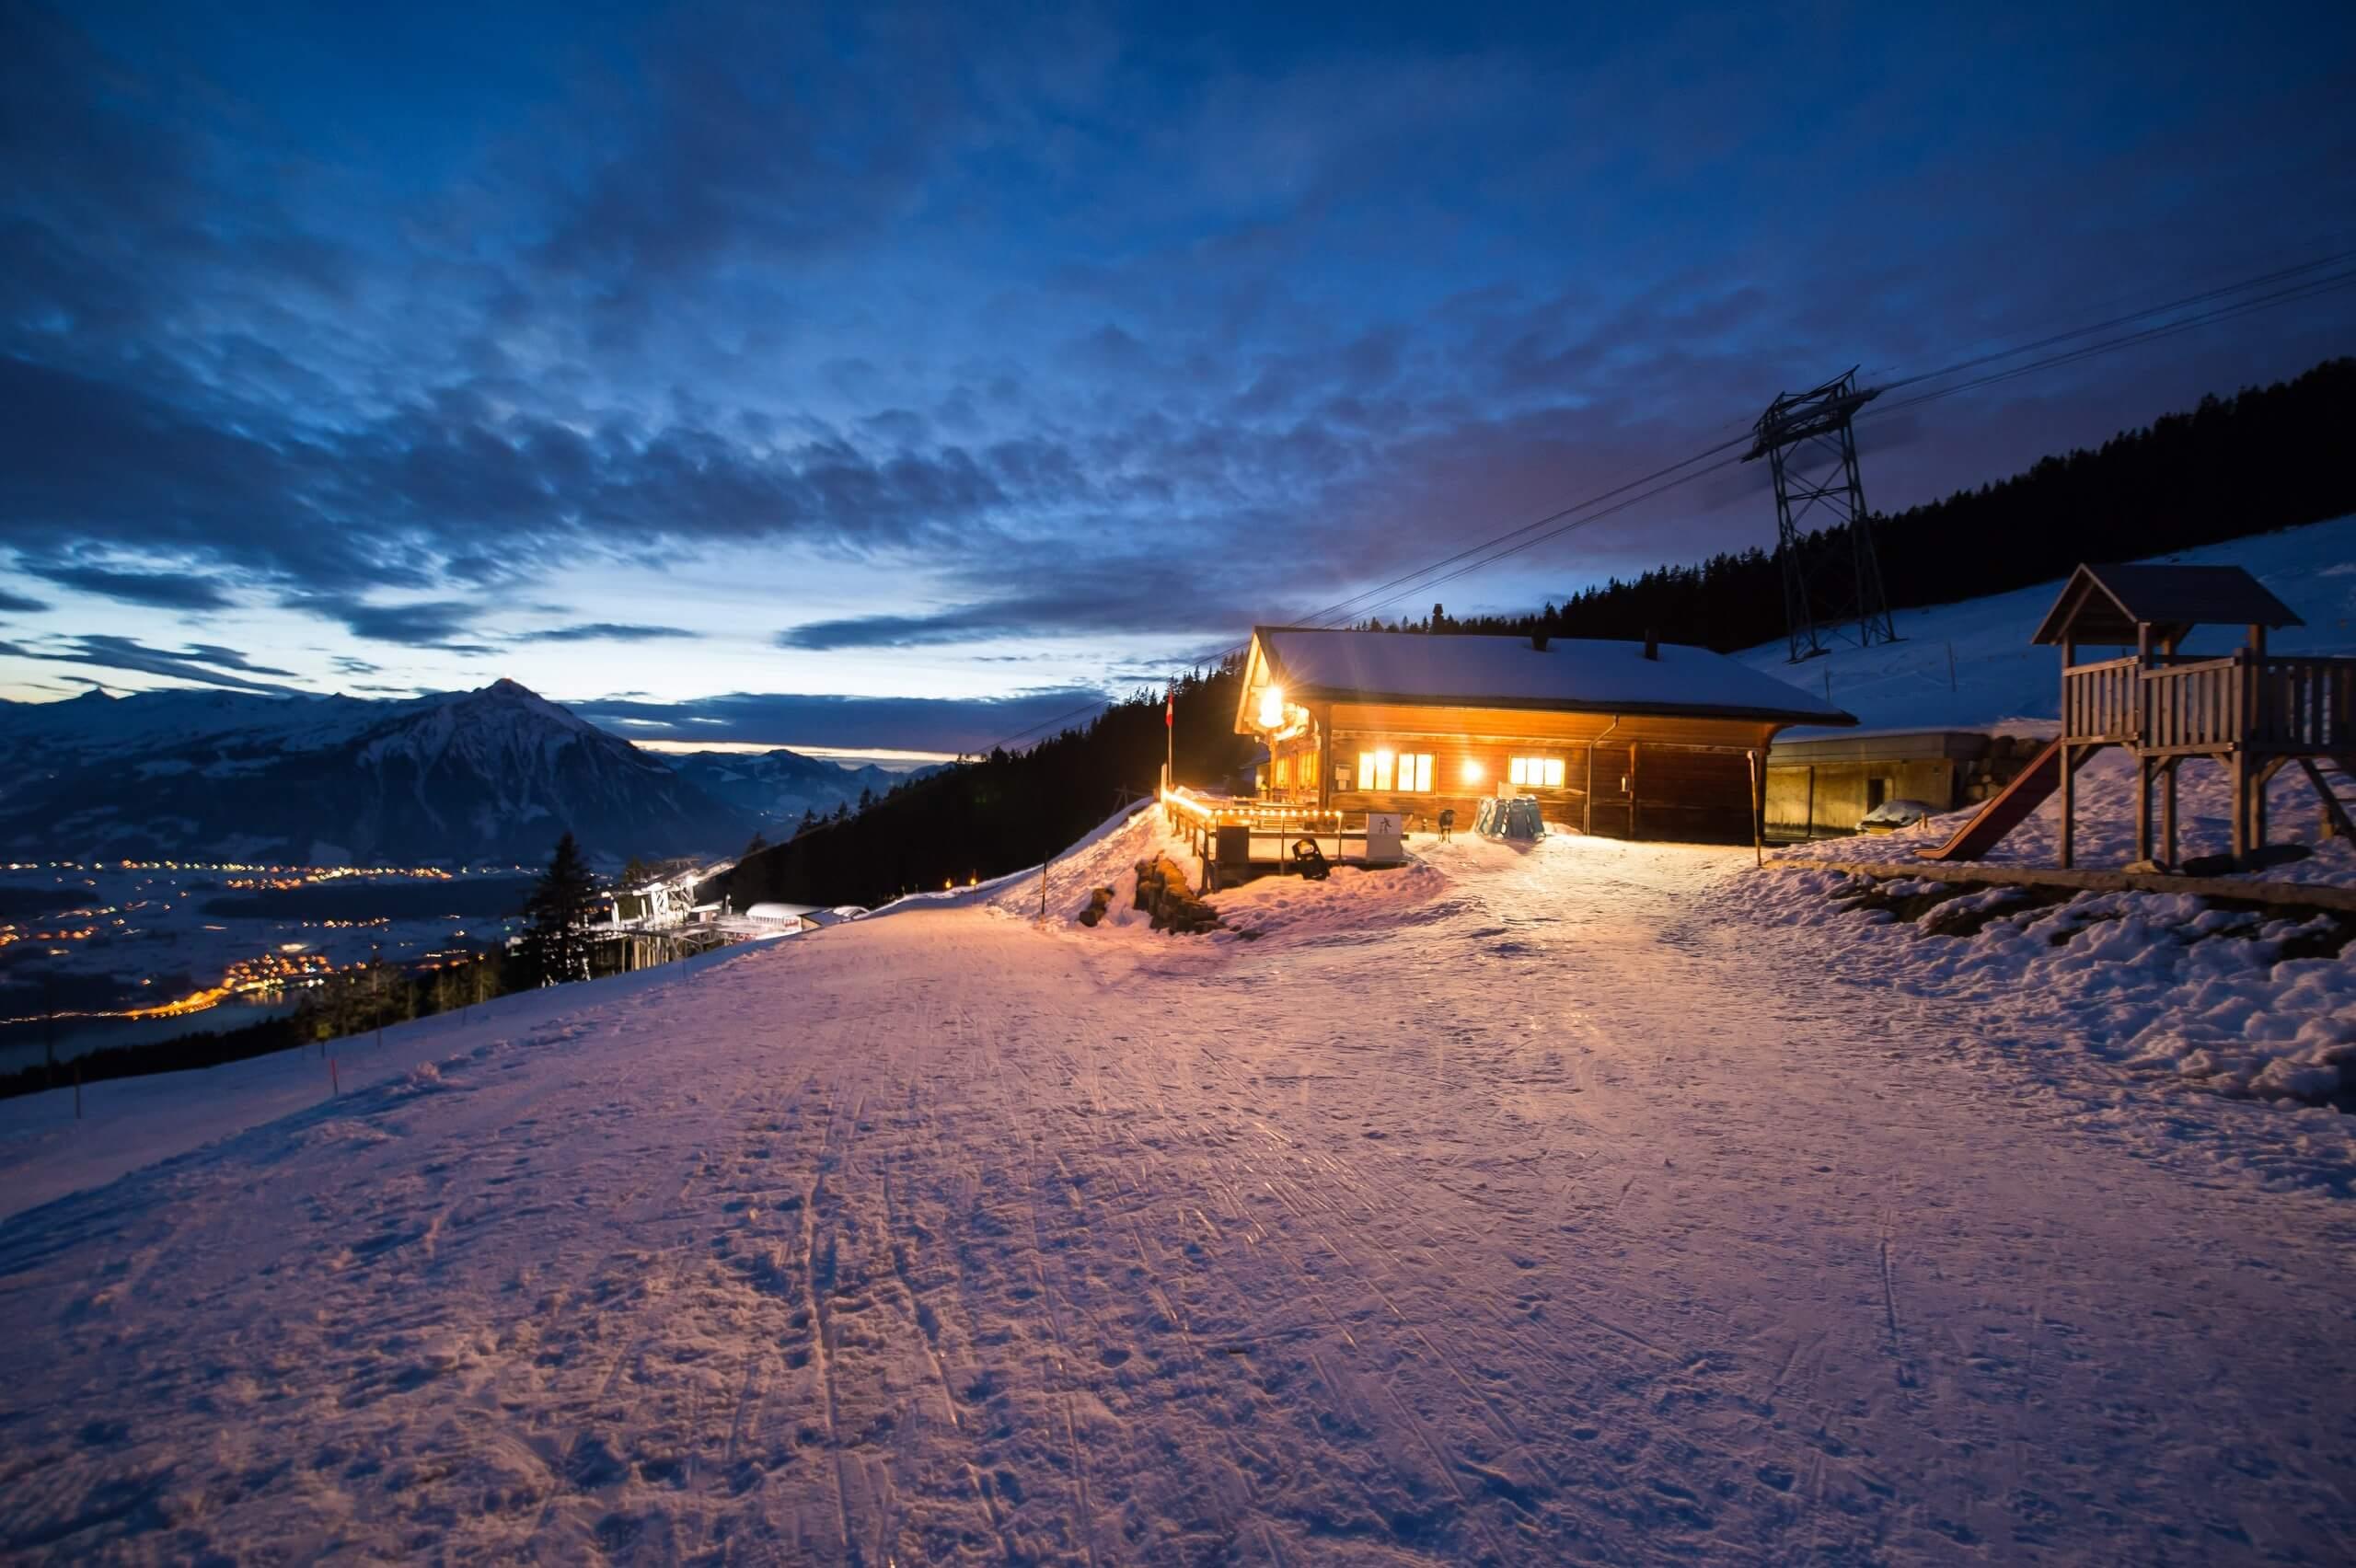 niederhorn-schlitteln-winter-abendstimmung-wolken-vorsass-lichter